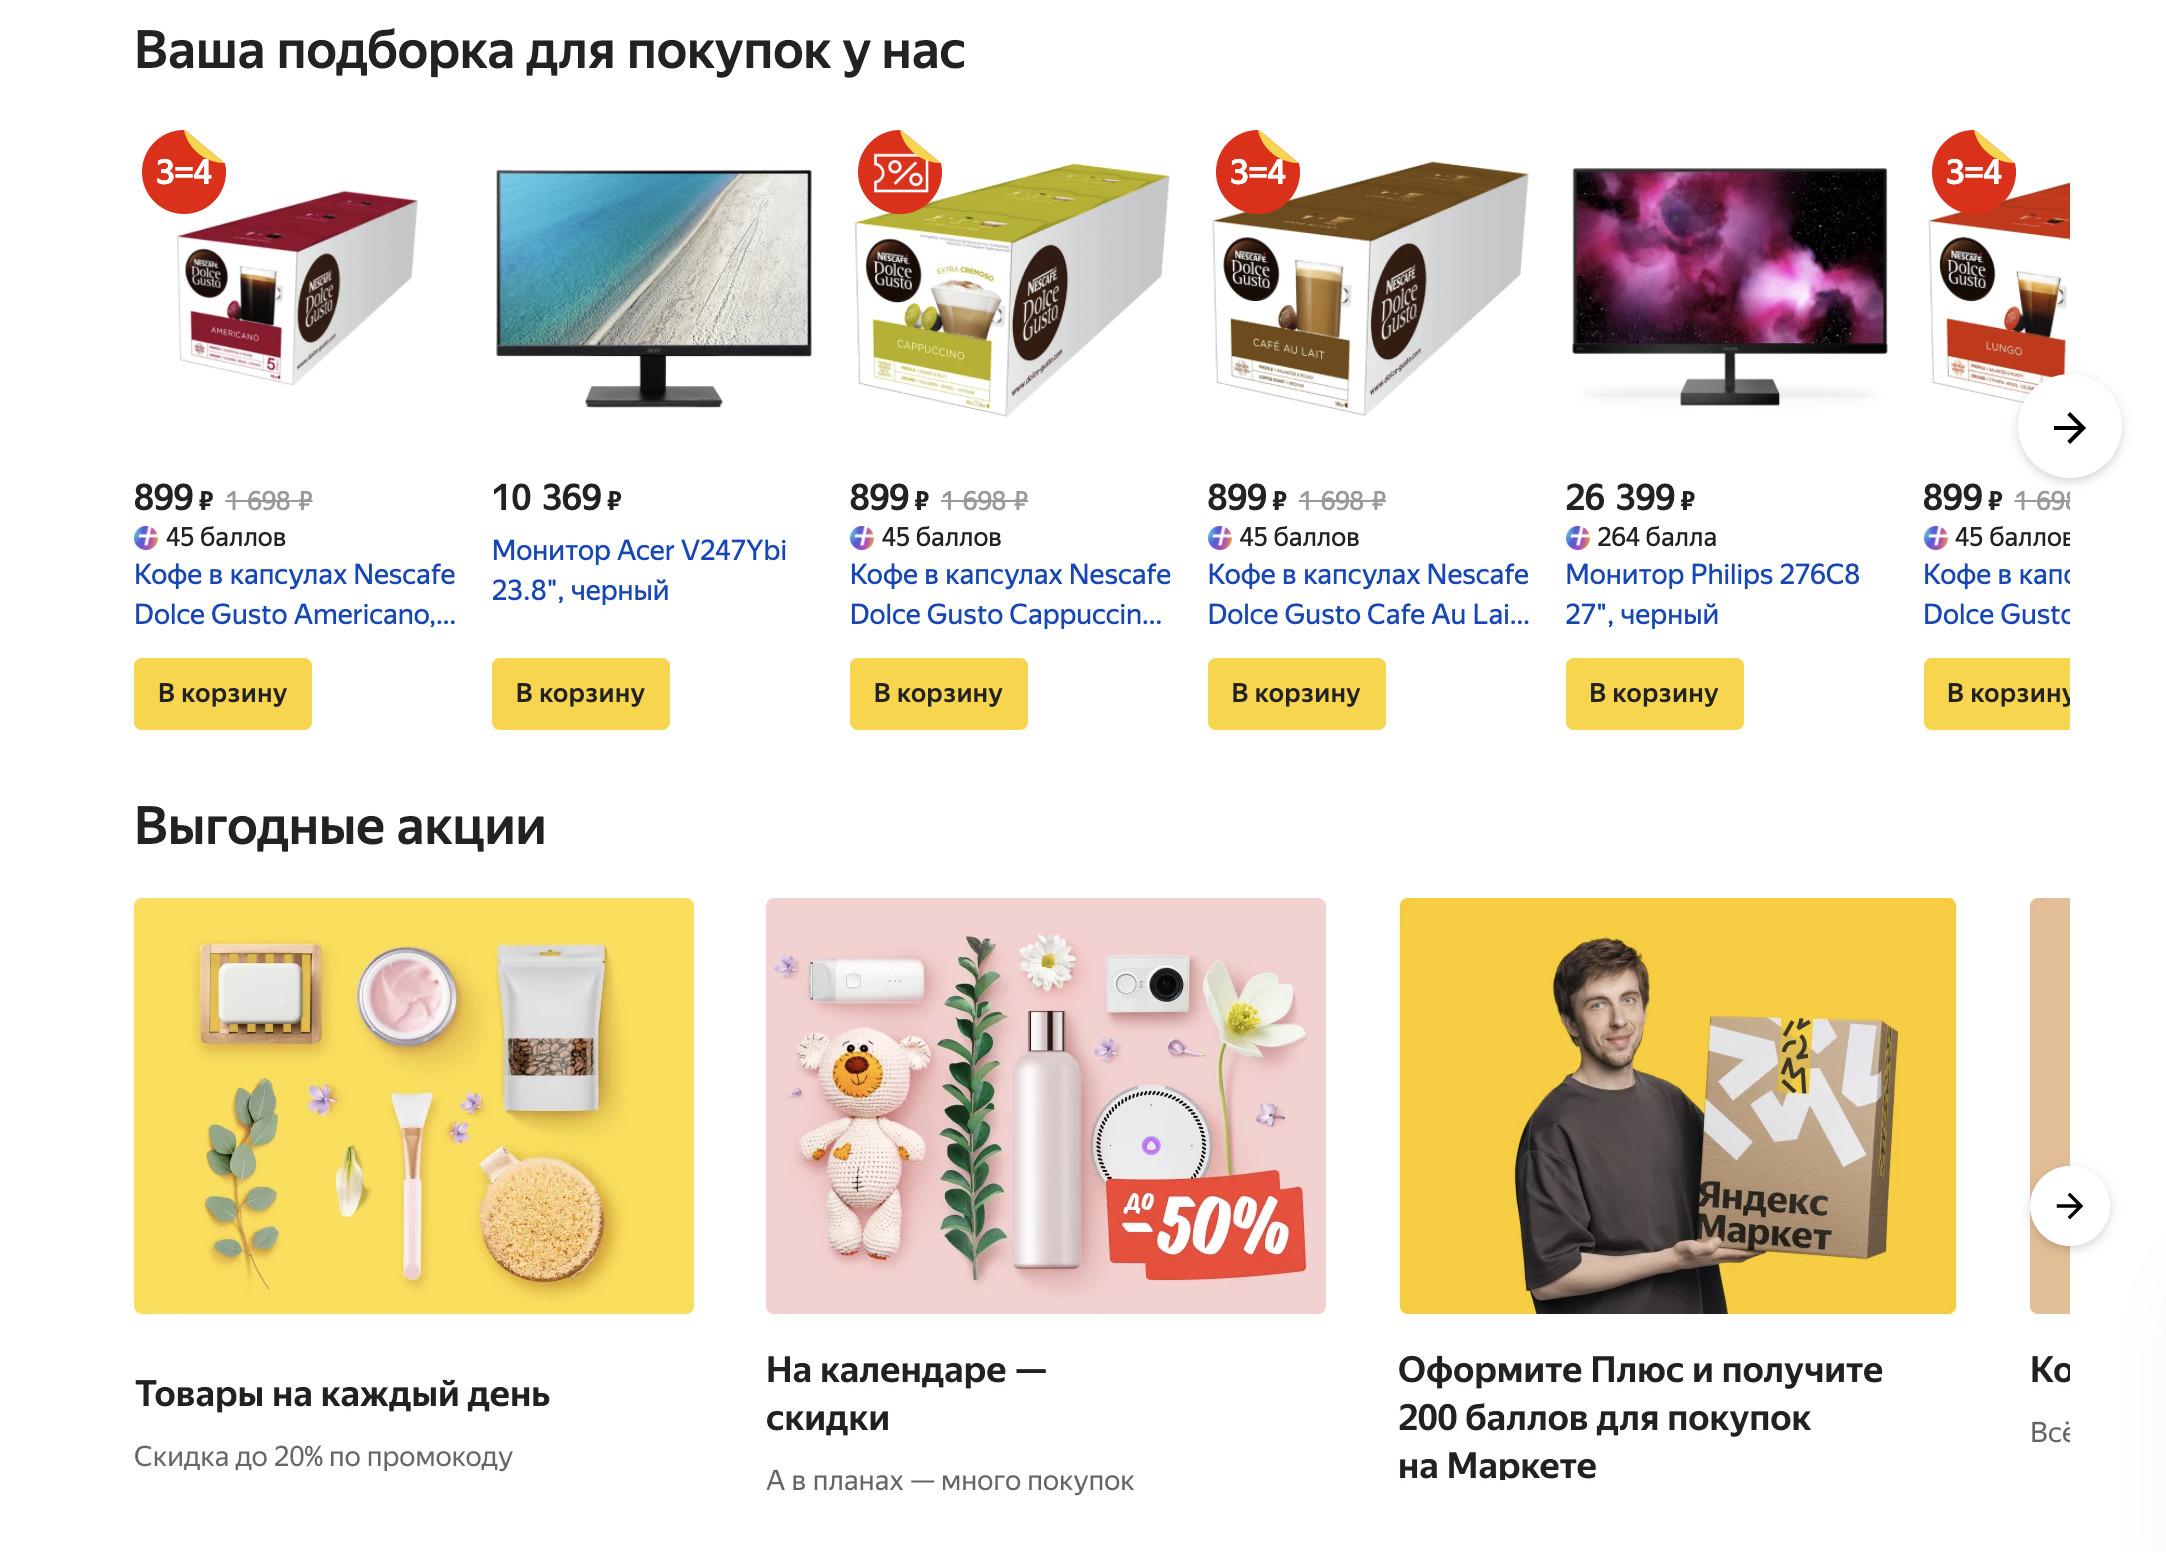 Доставка из Яндекс.Маркет в Екатеринбург, сроки, пункты выдачи, каталог